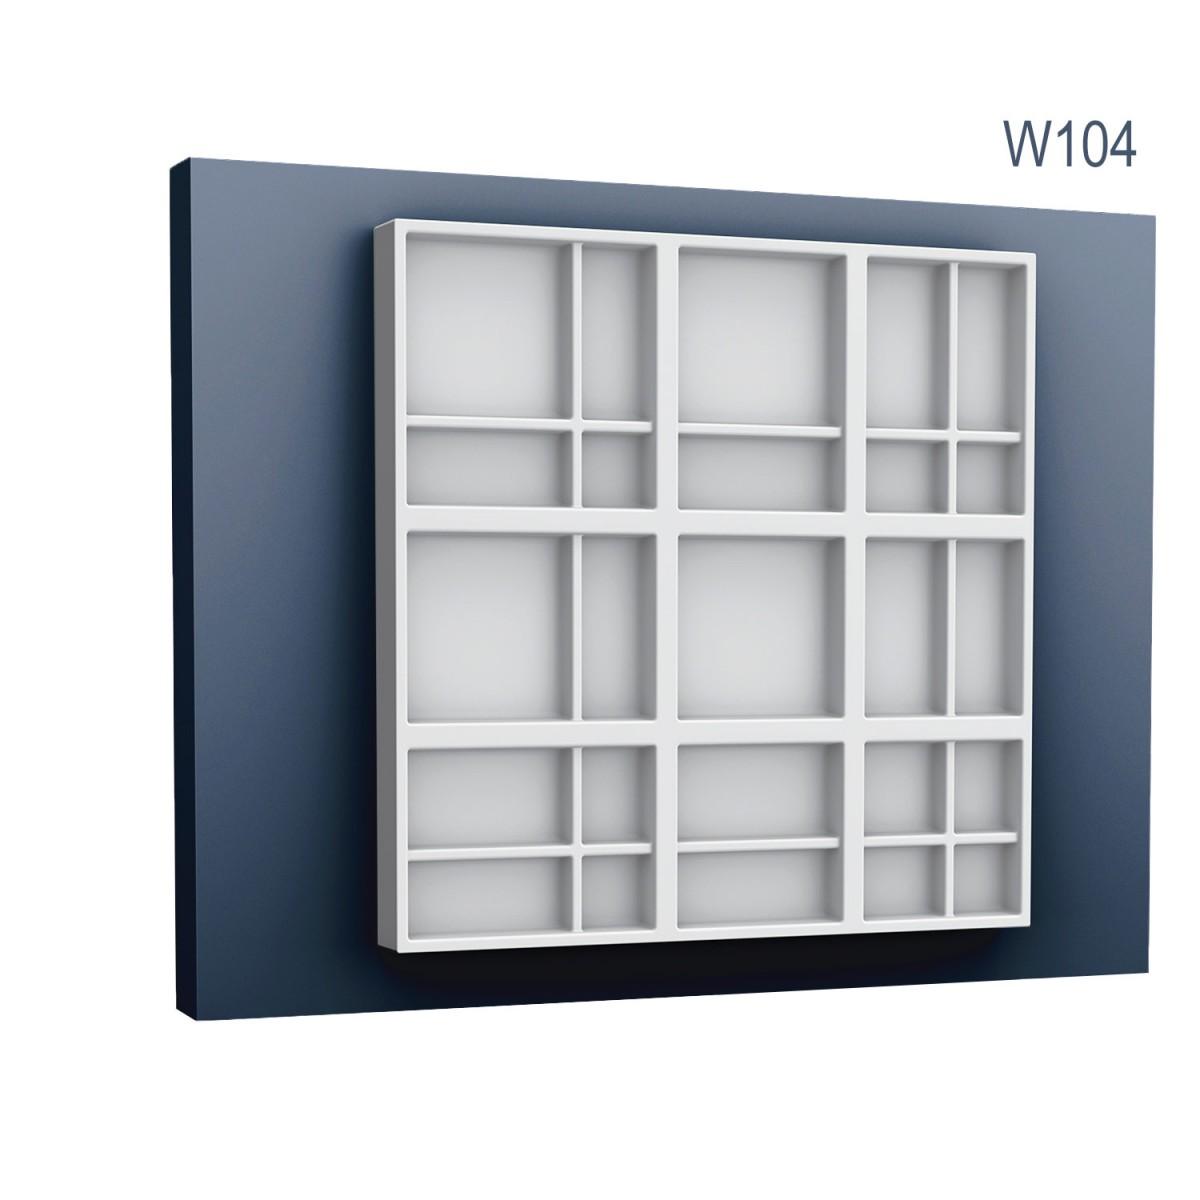 Panel Modern W104, Dimensiuni: 45 X 45 X 3.6 cm, Orac Decor